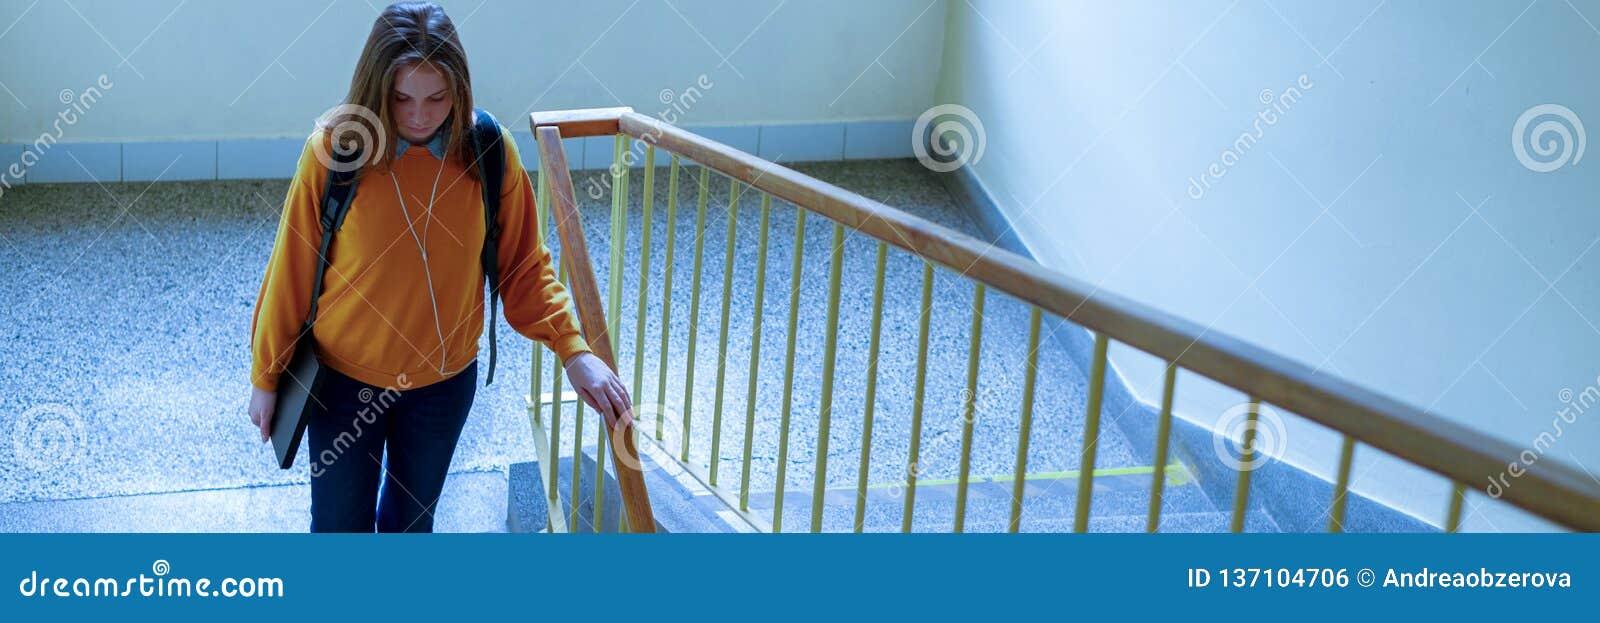 Estudiante universitario de sexo femenino solo deprimido joven que camina abajo de las escaleras en su escuela, mirando abajo Edu